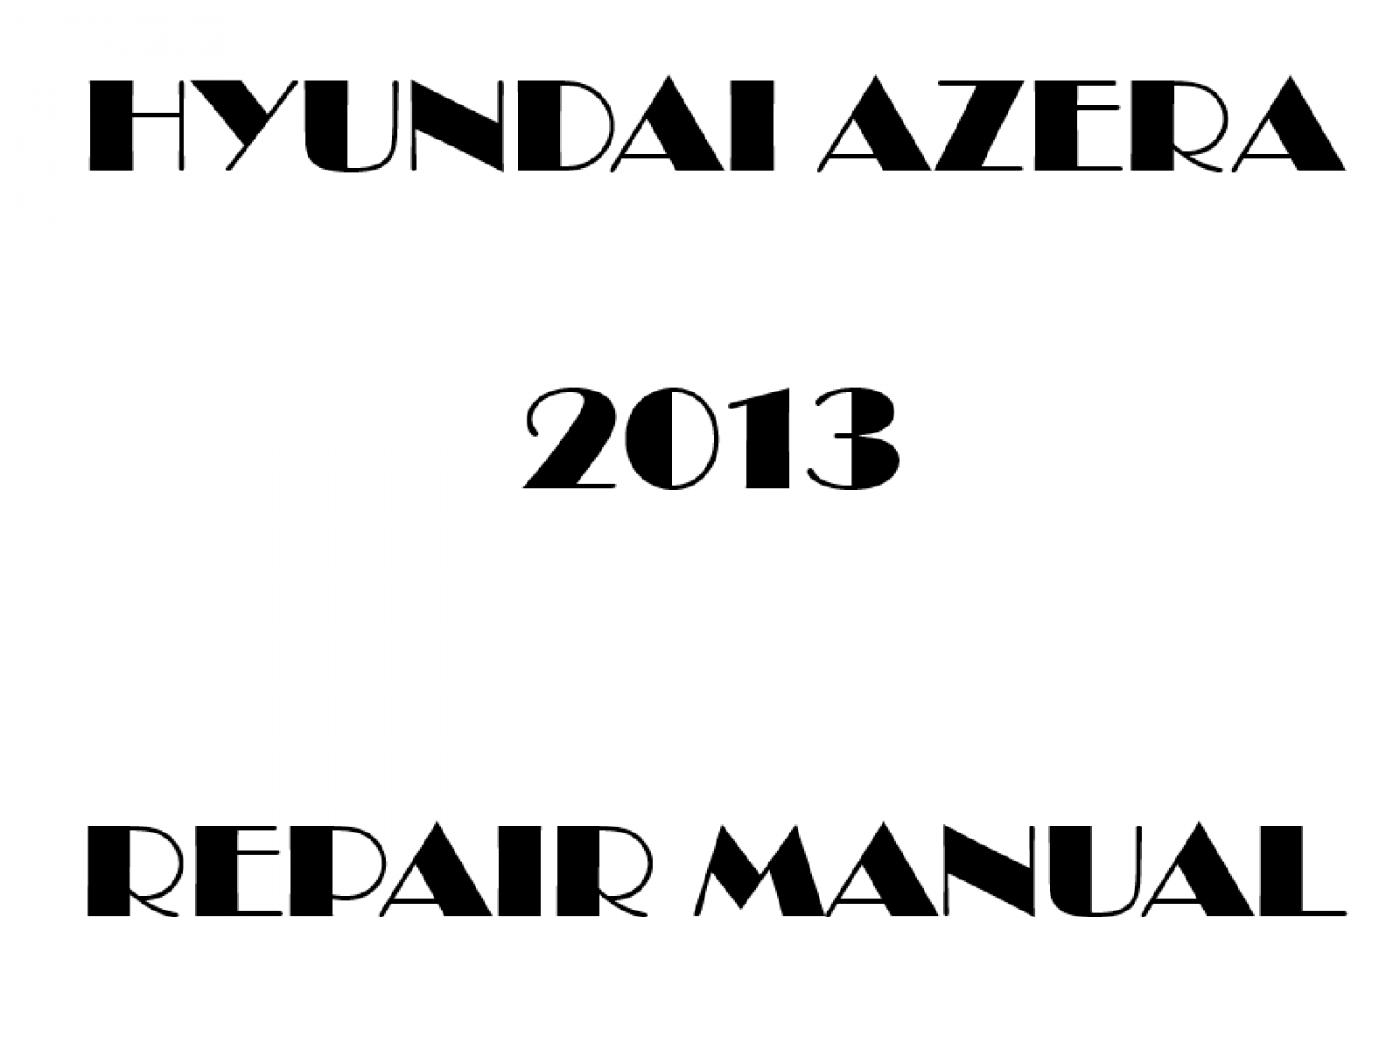 2013 Hyundai Azera repair manual